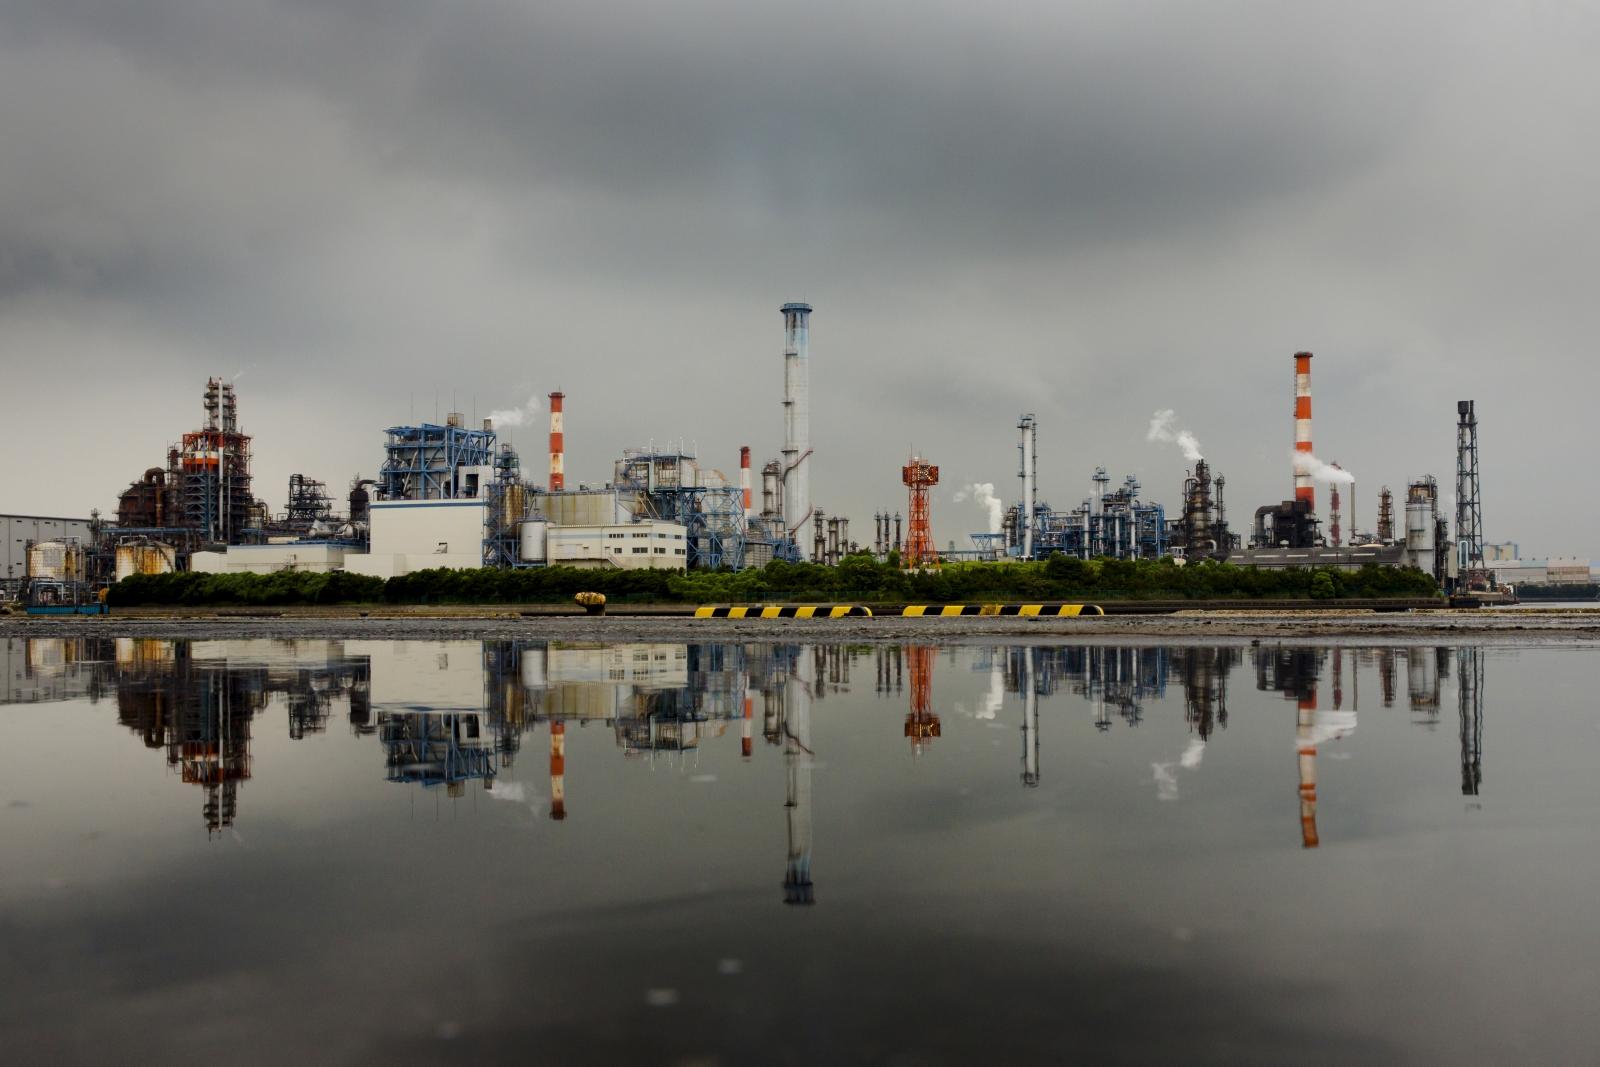 Petrochemical plant, Kawasaki